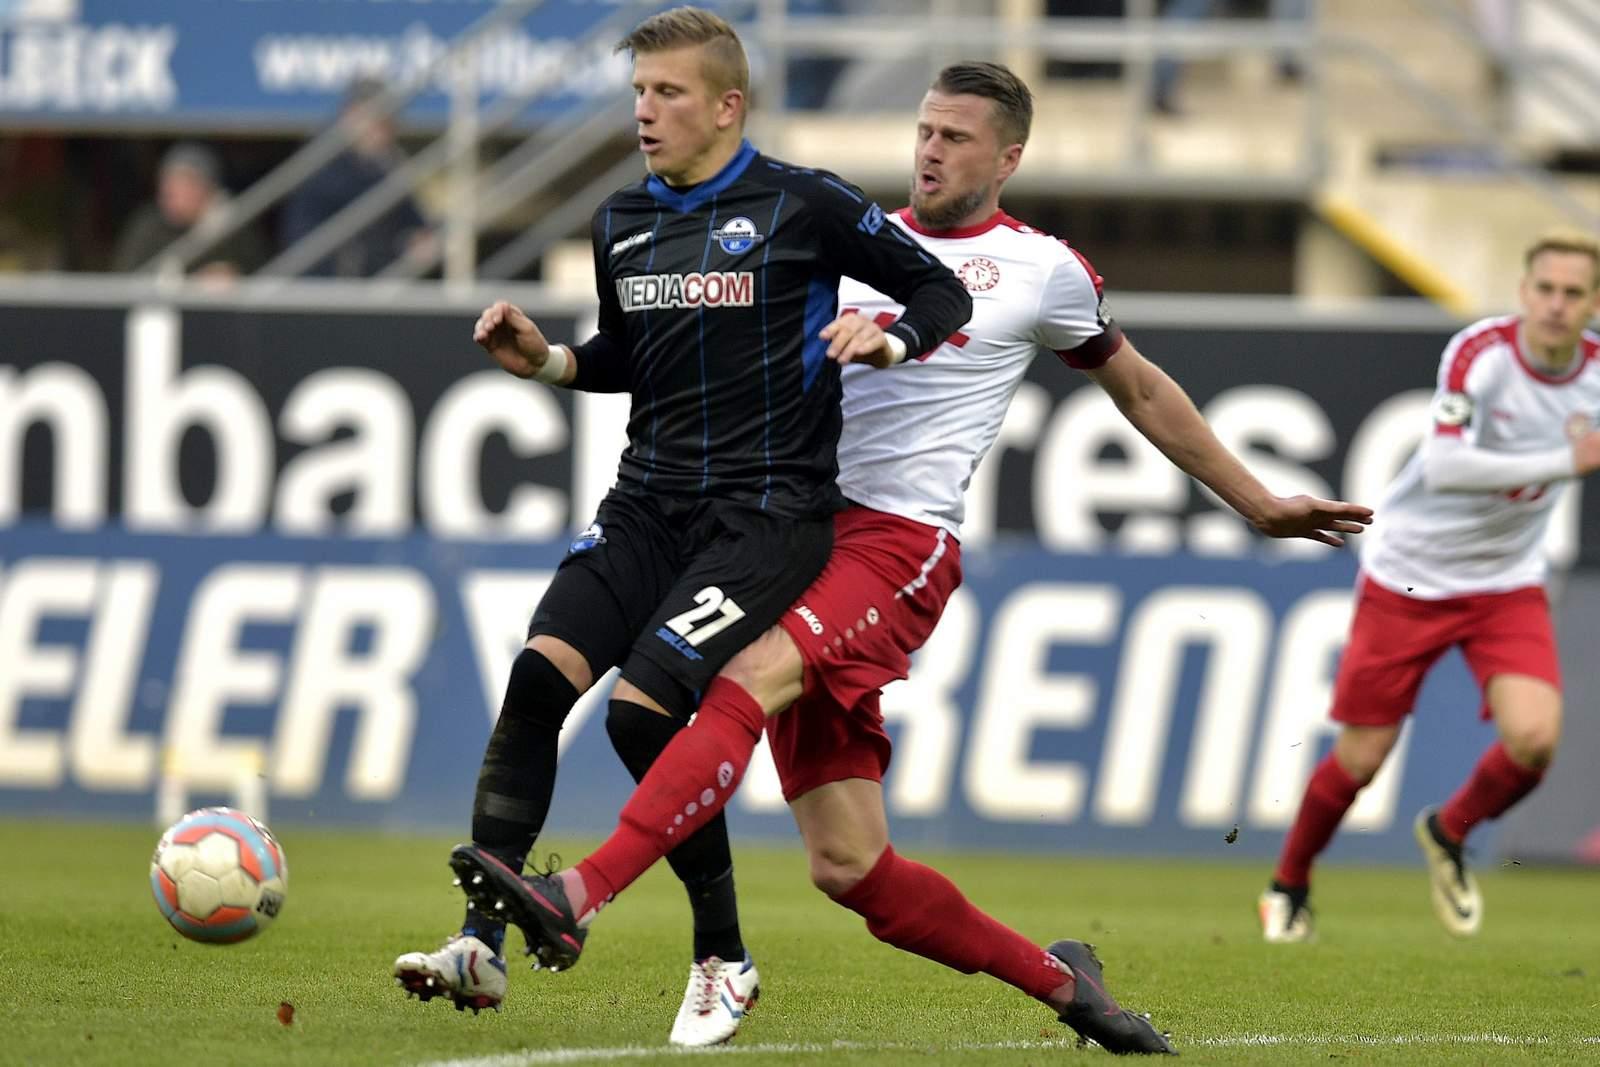 Zweikampf zwischen Marcus Piossek und Daniel Flottmann. Jetzt auf Fortuna Köln gegen Paderborn wetten!